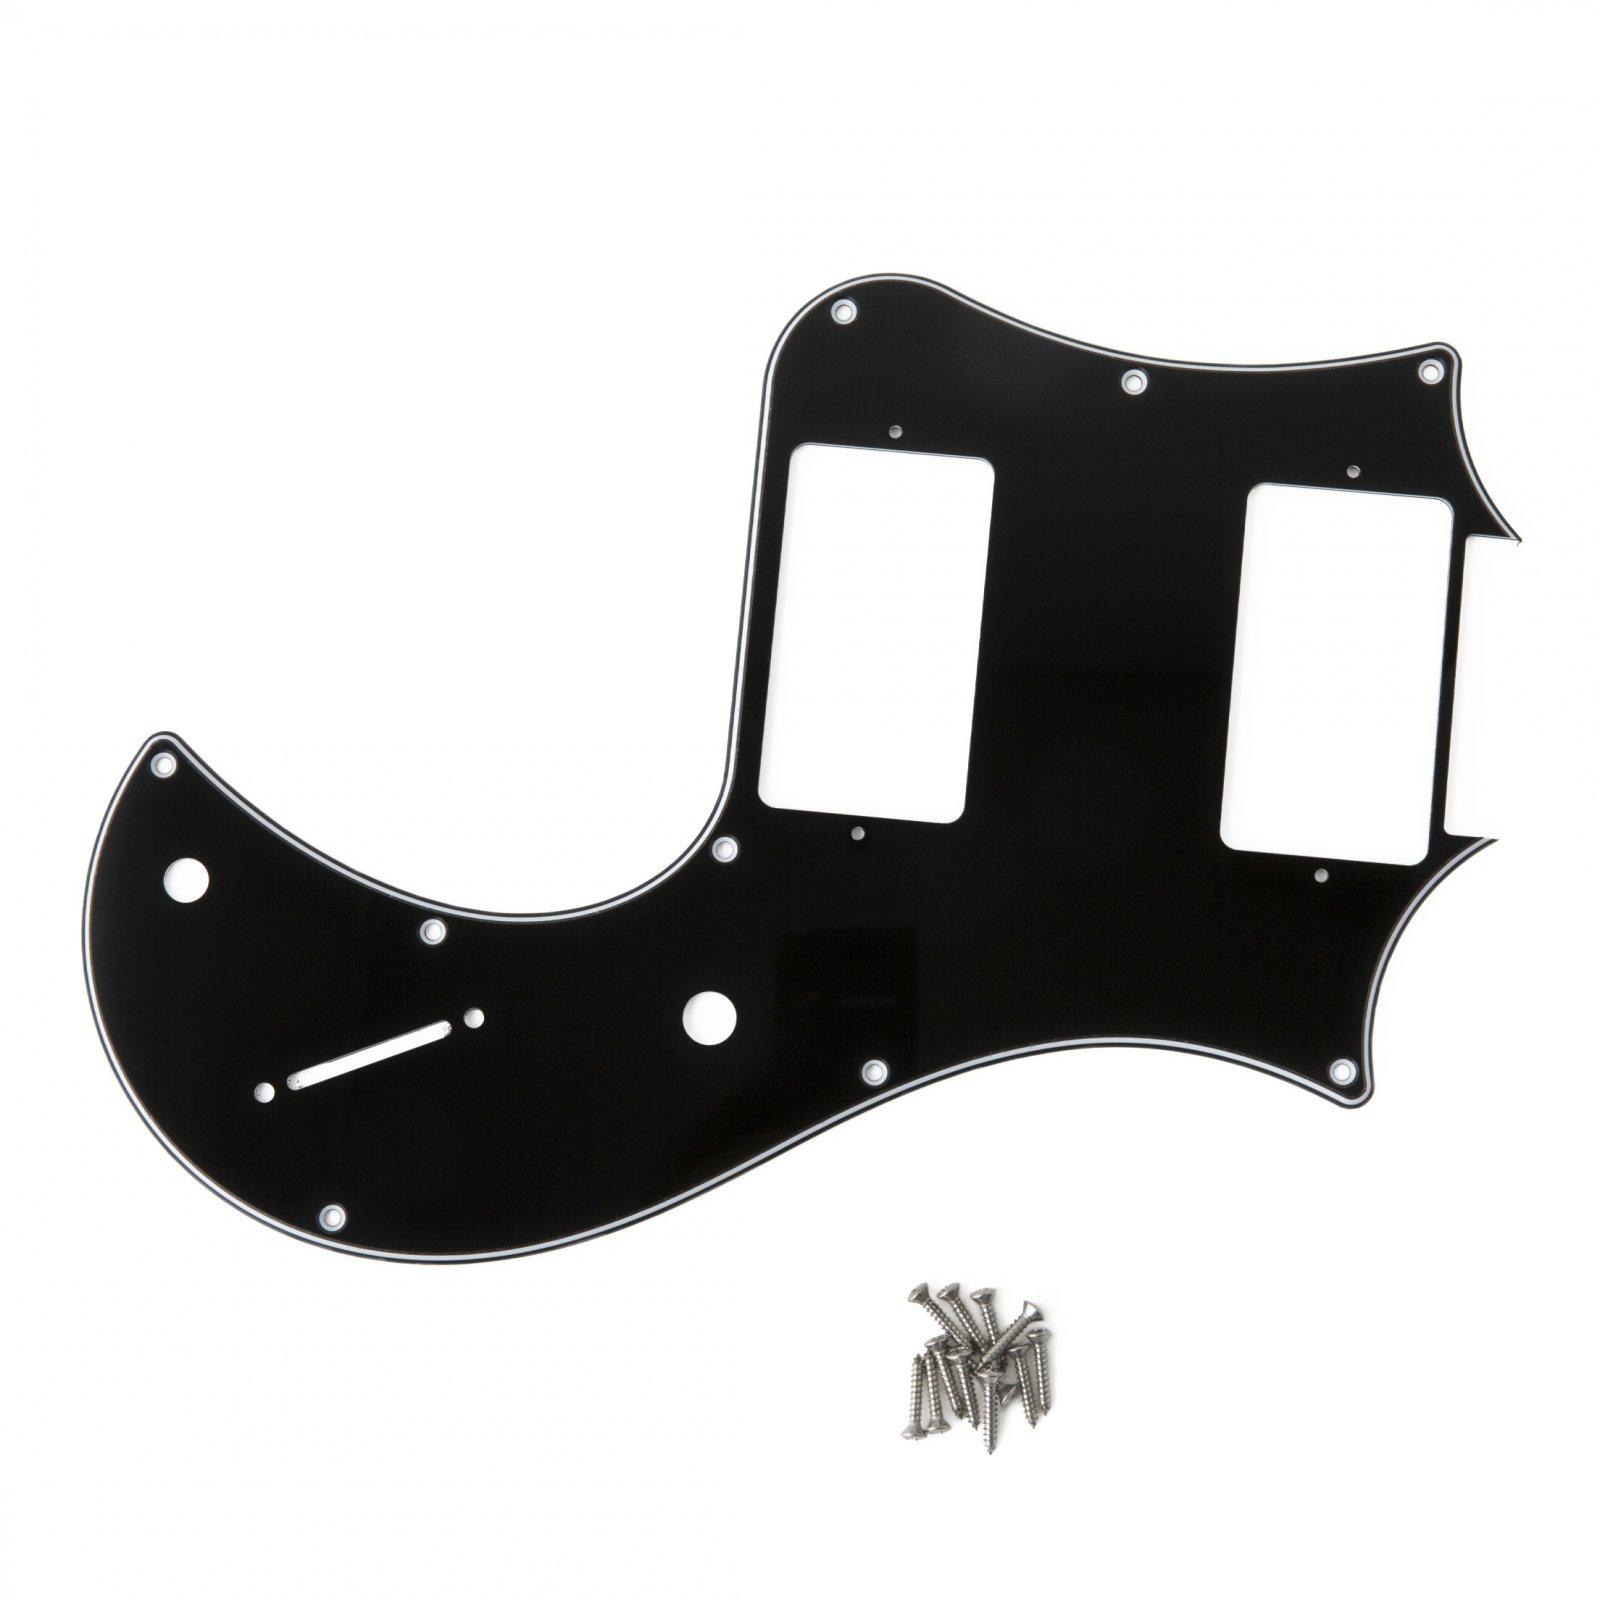 PRS S2 Standard 24 Pickguard Black